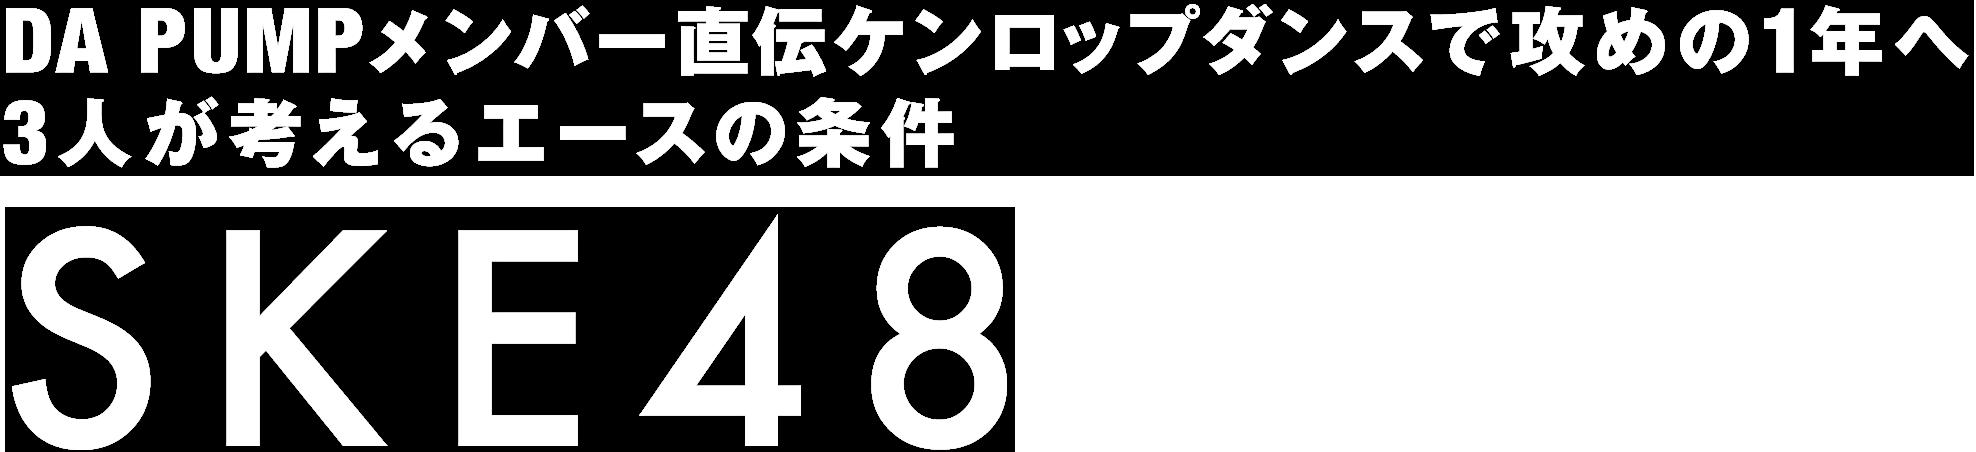 SKE48|DA PUMPメンバー直伝ケンロップダンスで攻めの1年へ、3人が考えるエースの条件